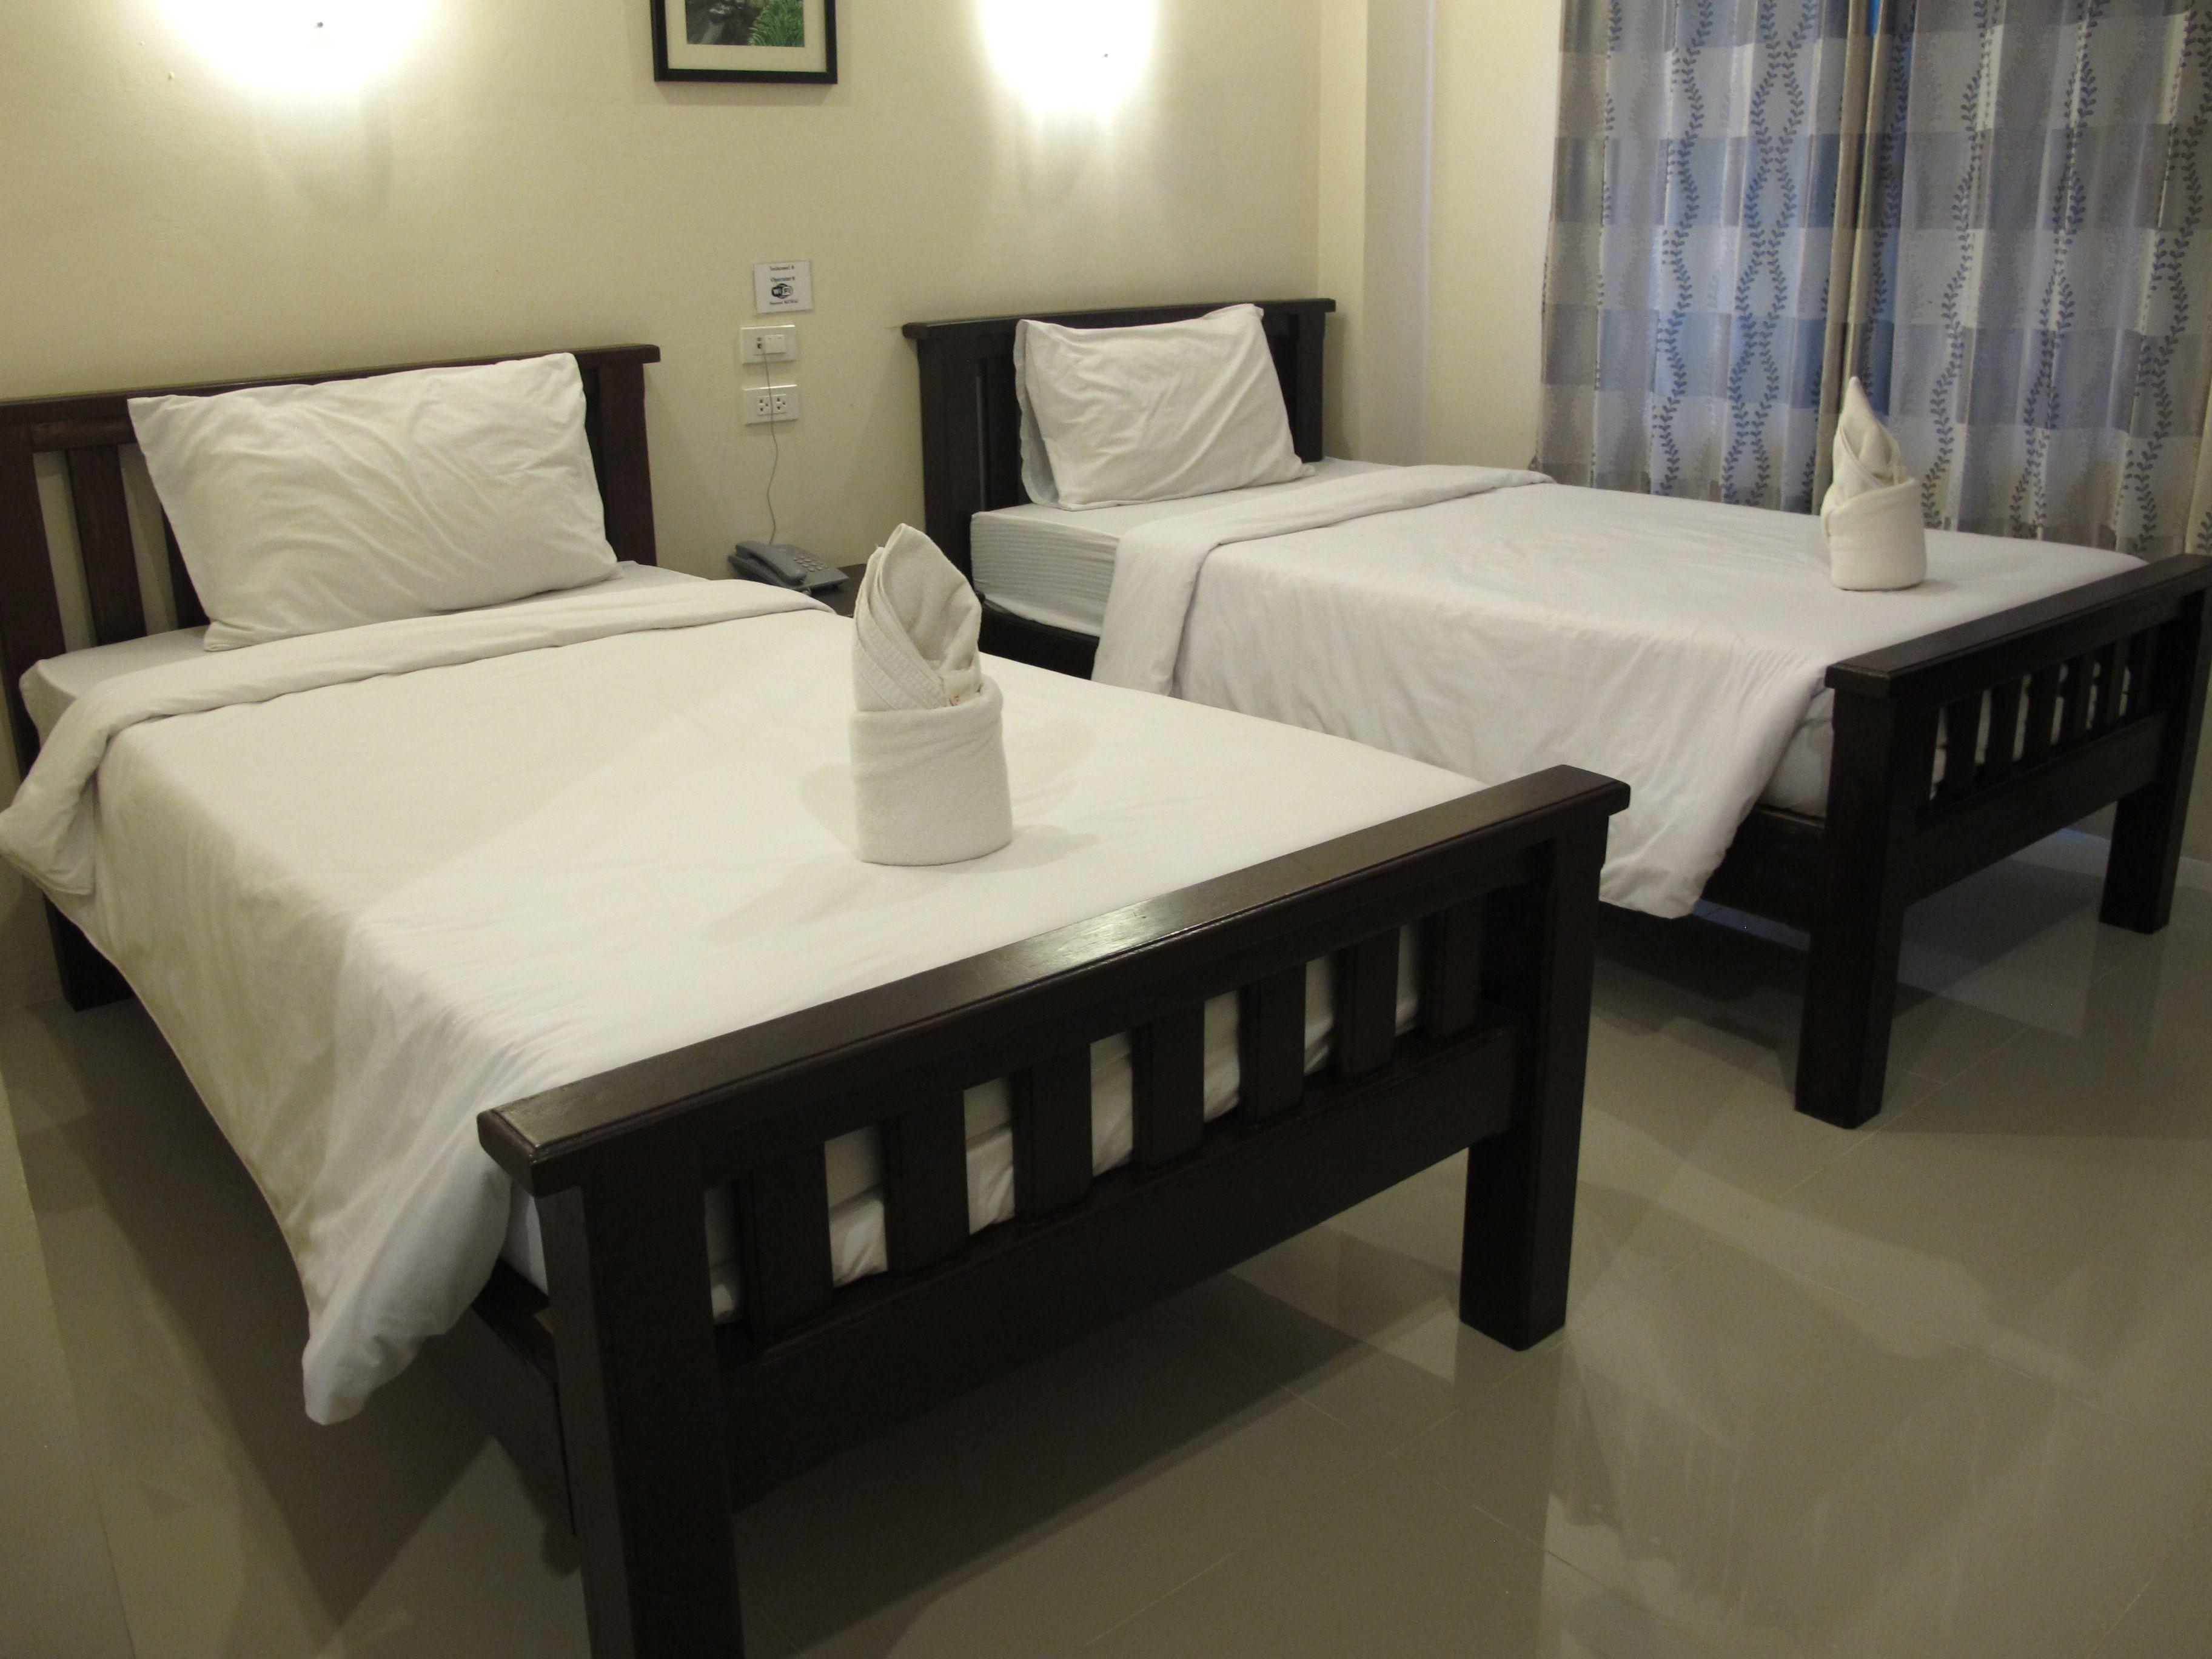 Koh Loi Hotel Chiang Rai, Thailand